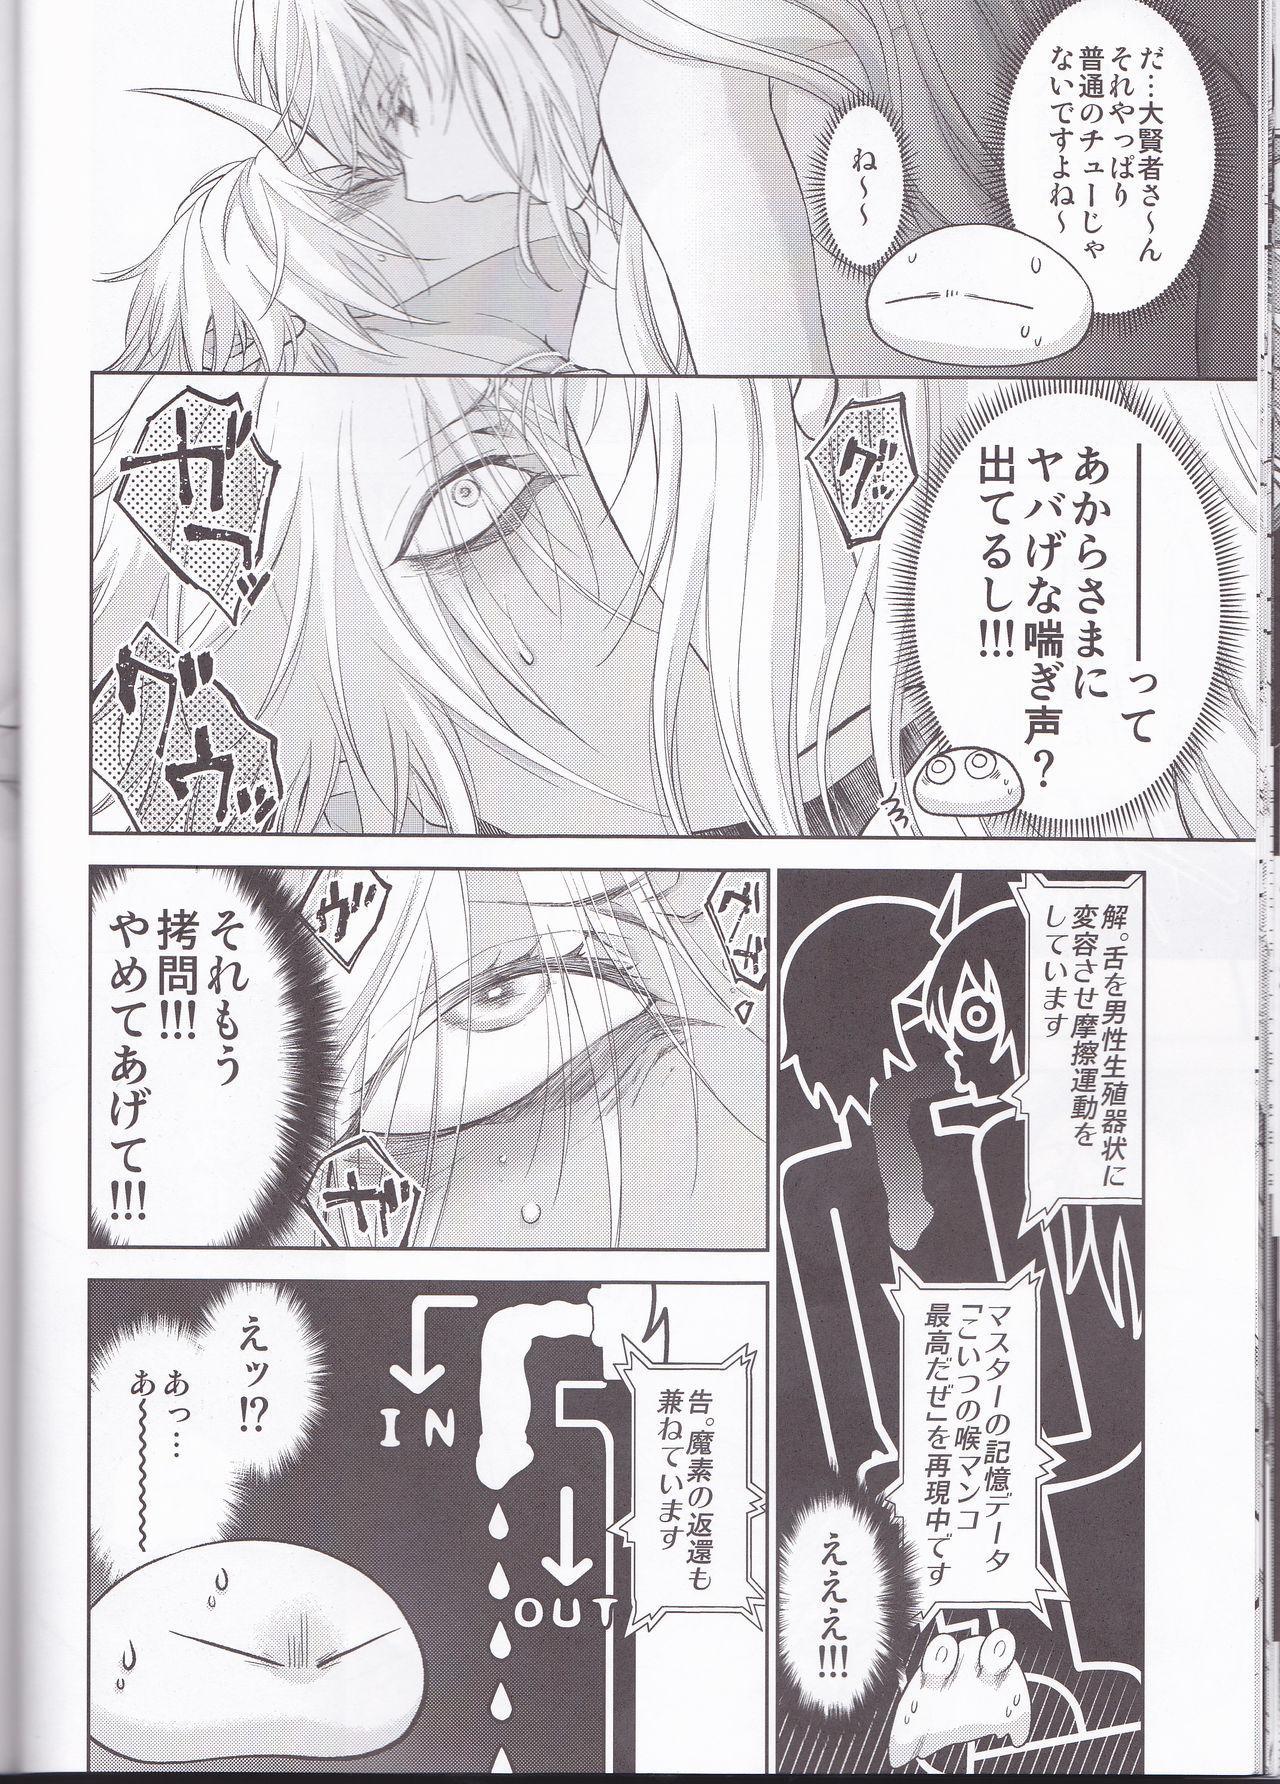 Koku. Josei Gitaika ni Seikou Shimashita 4 23